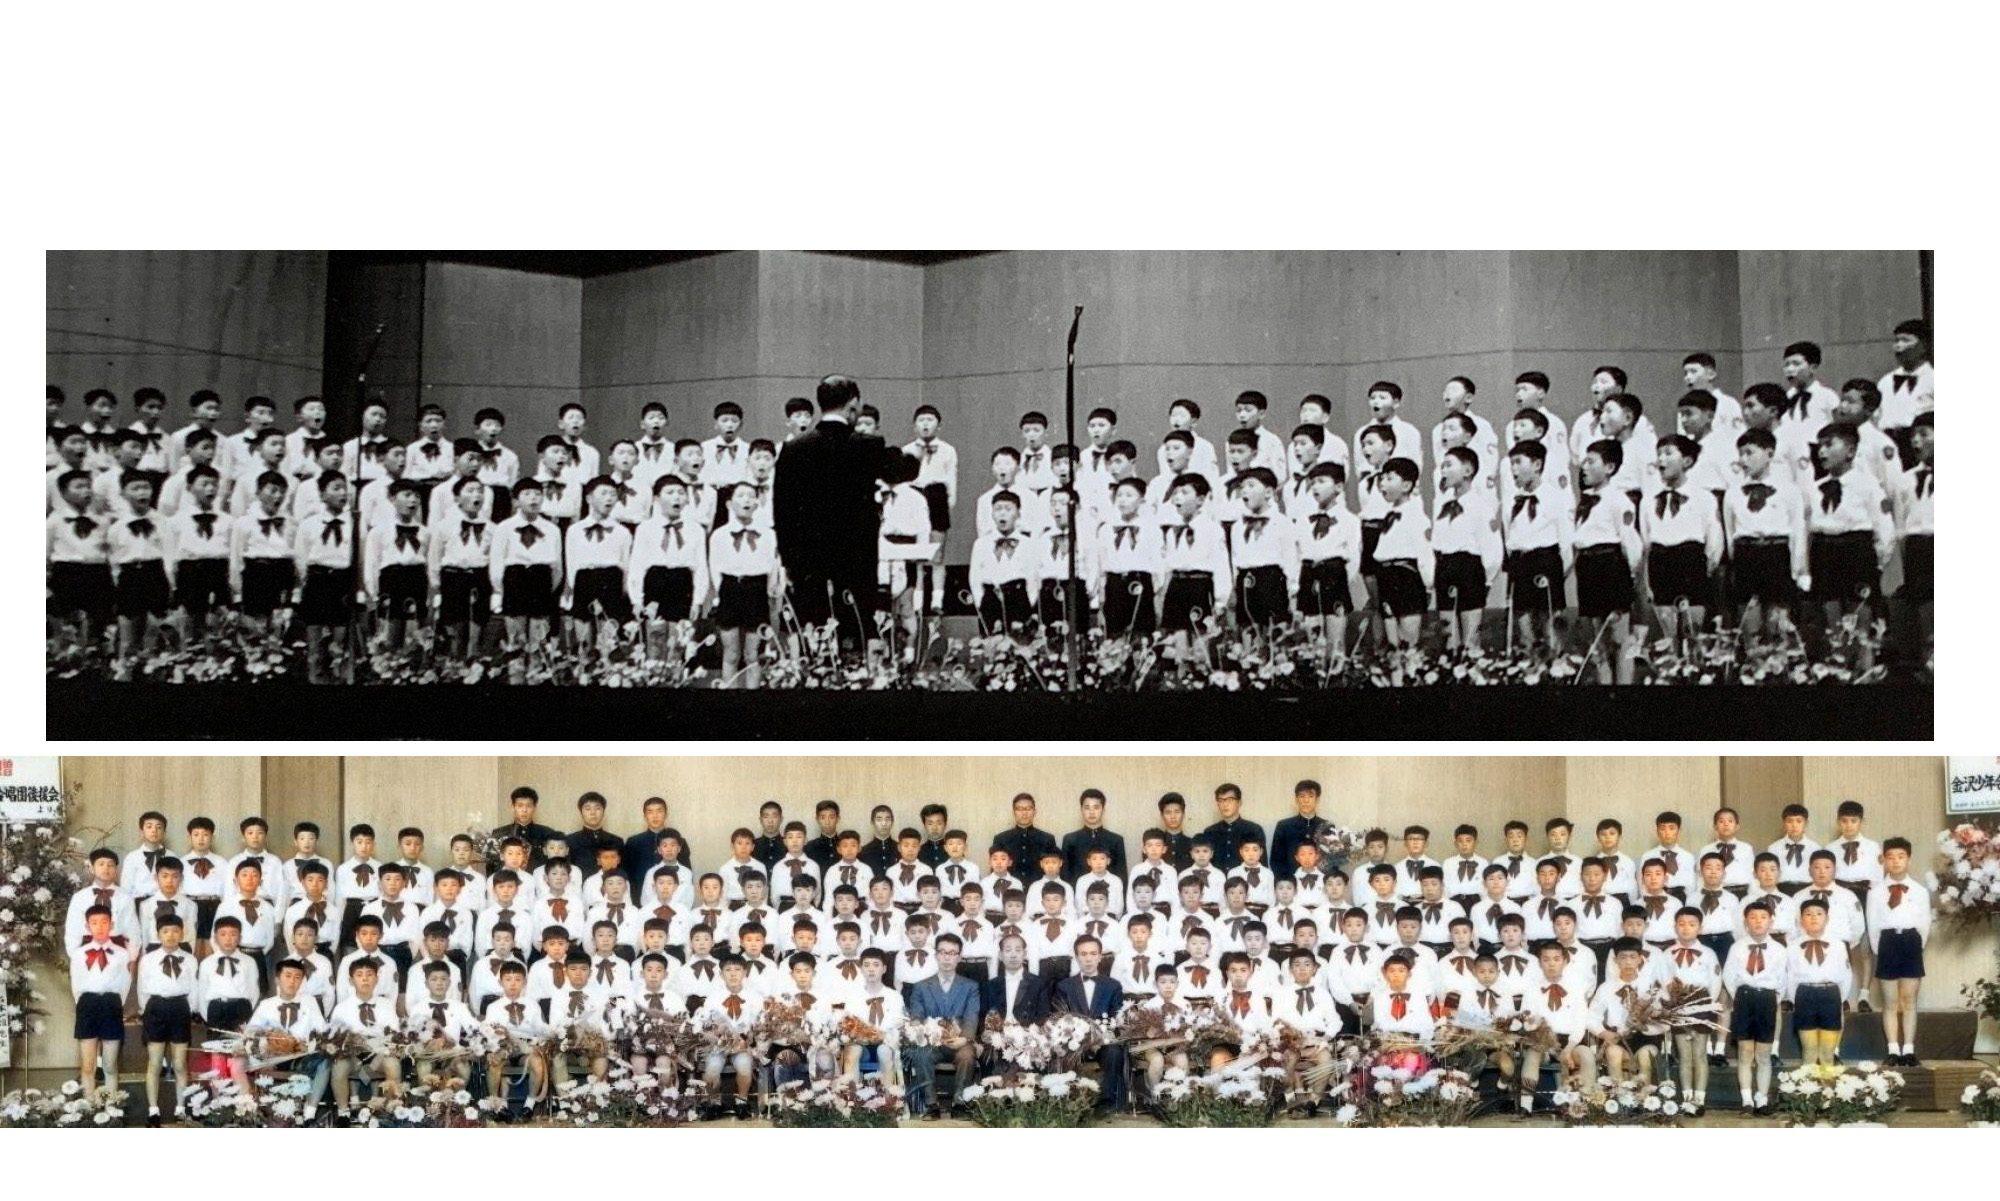 金沢少年合唱団の思い出